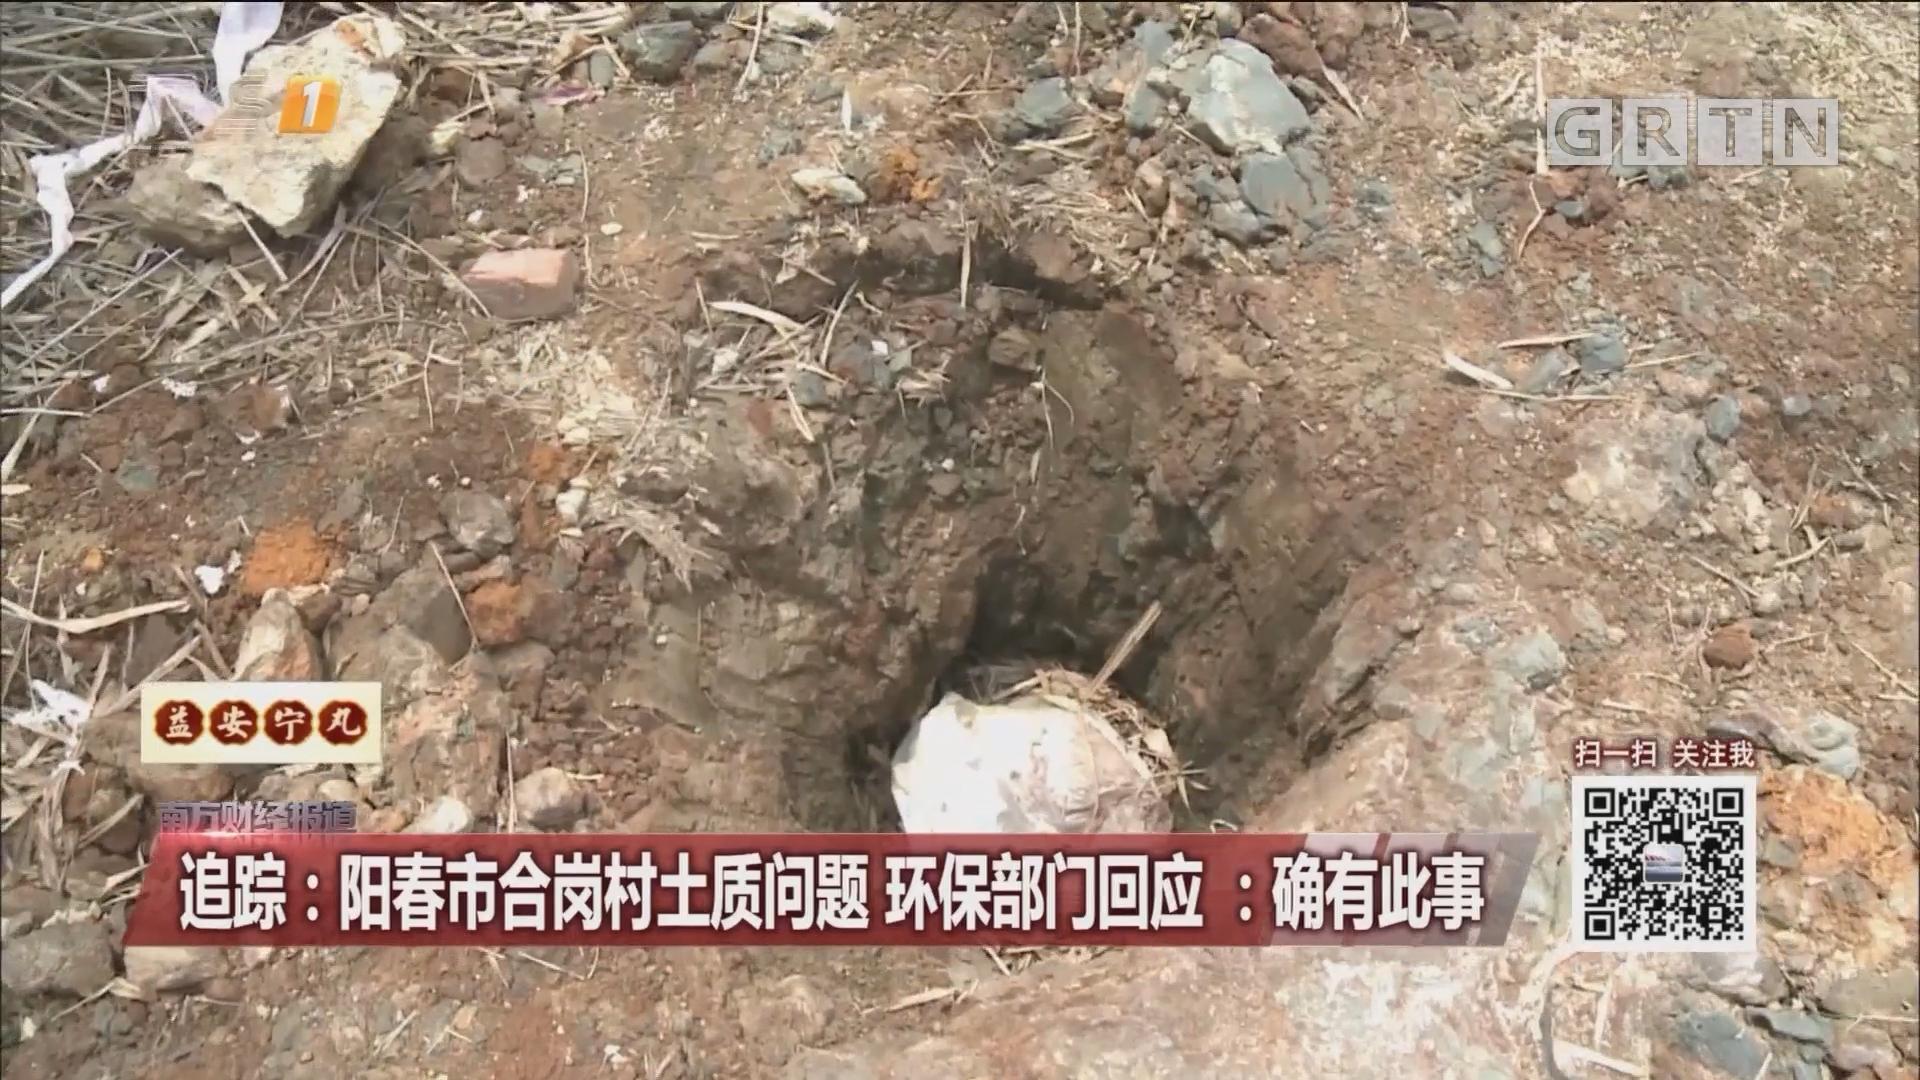 追踪:阳春市合岗村土质问题 环保部门回应:确有此事